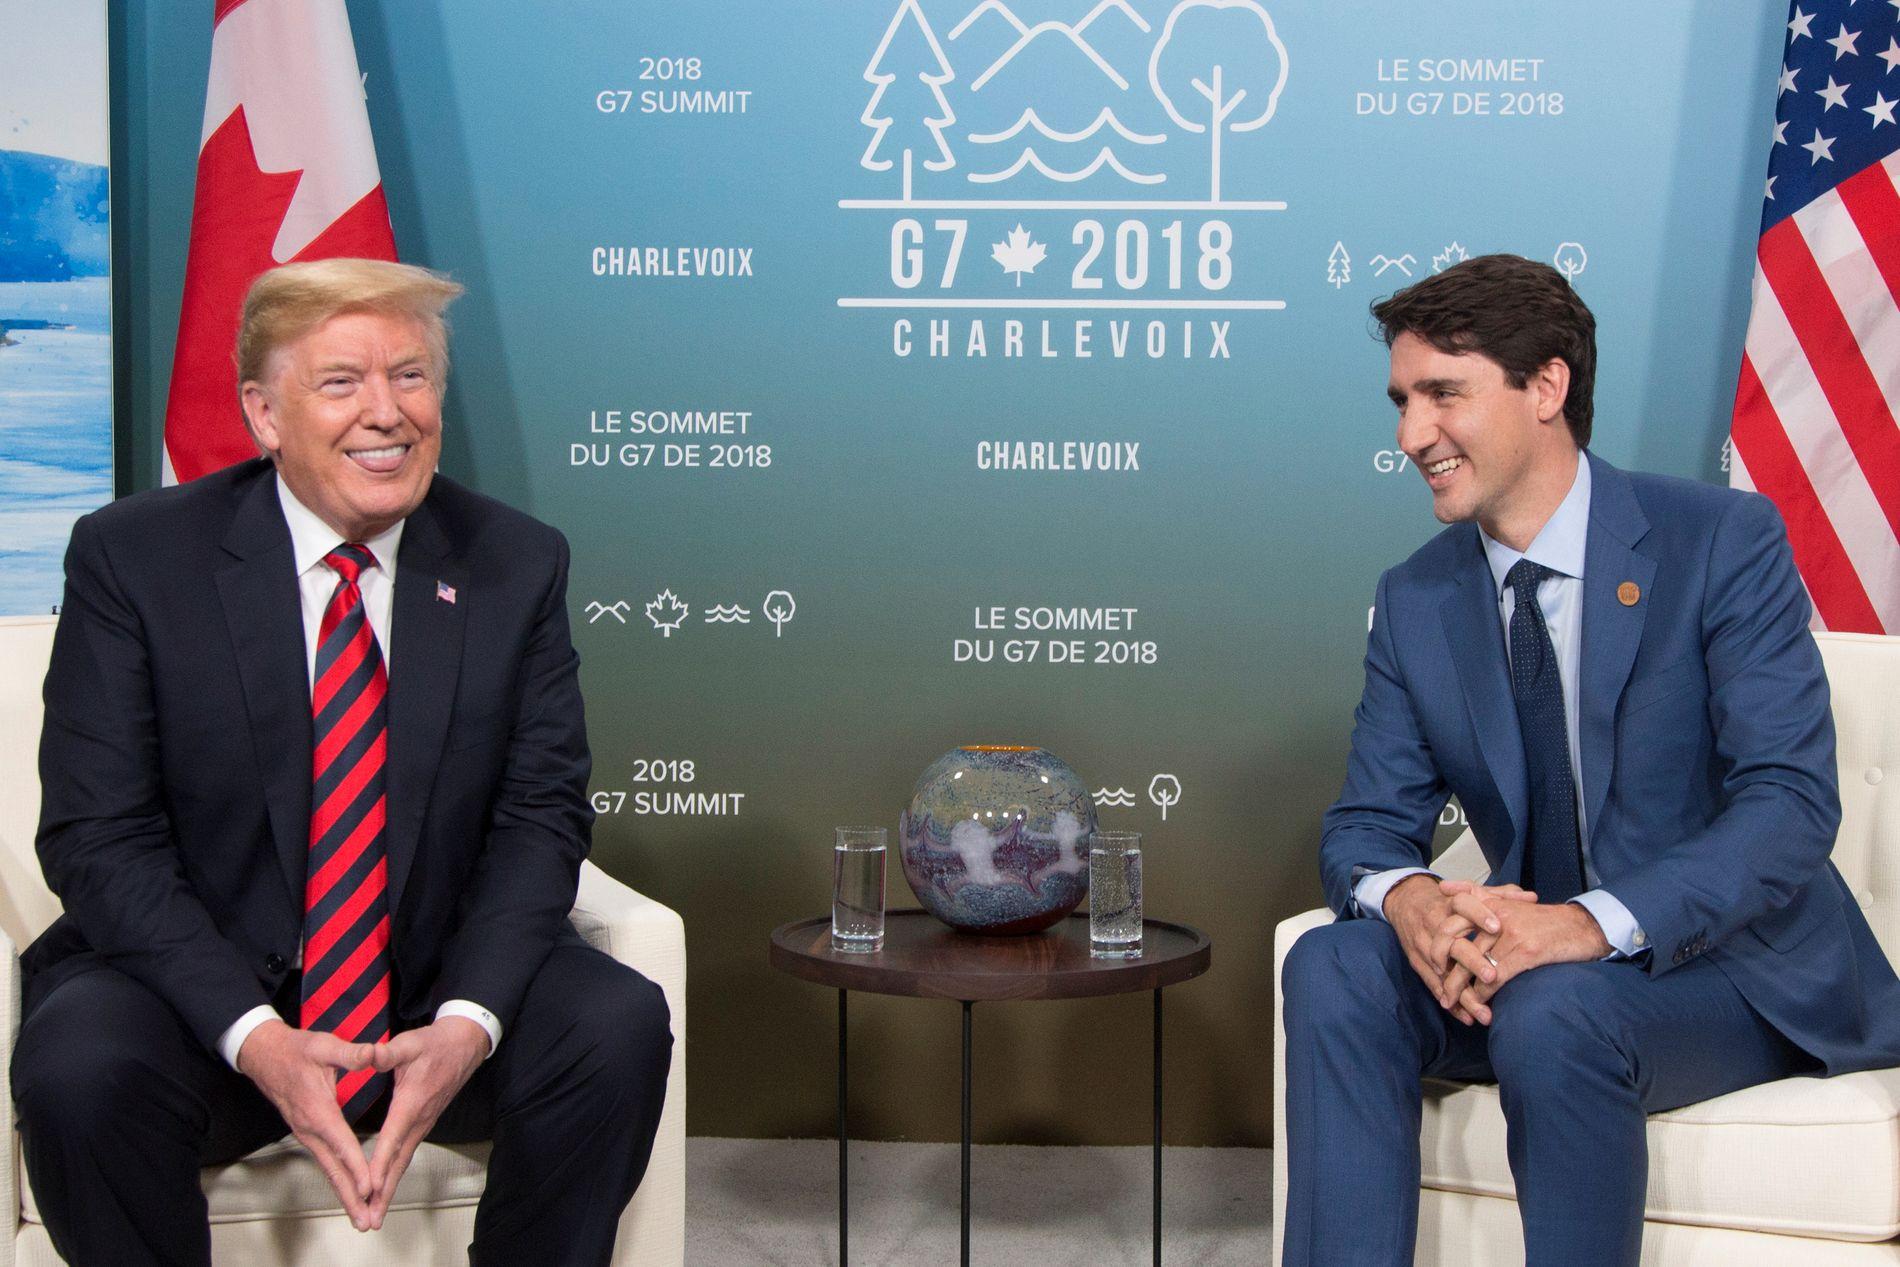 HANDELSKRIG: – La oss håpe at Trumps bilaterale handelspolitikk ikke endrer EUs forhold til tredjeland som Norge, skriver kronikkforfatteren.